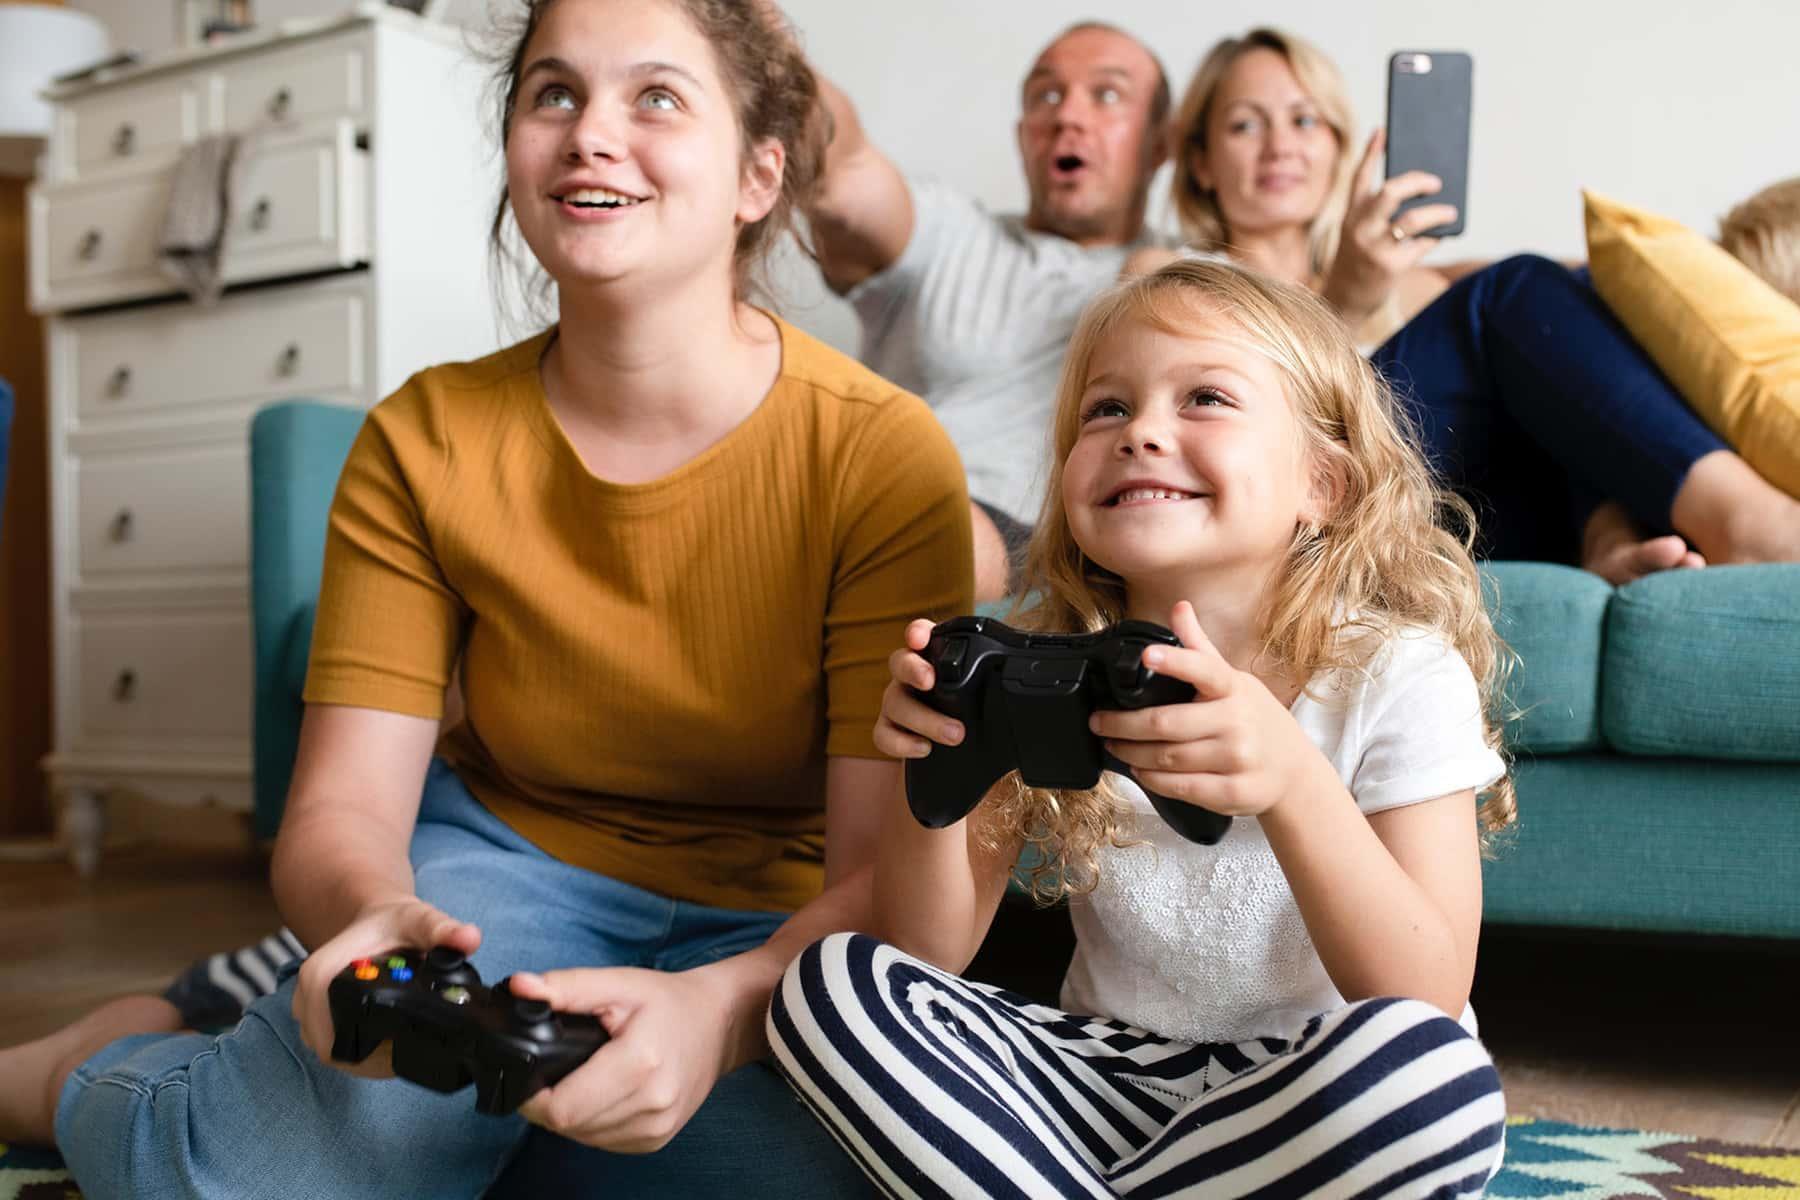 092119_videogamefamily_02